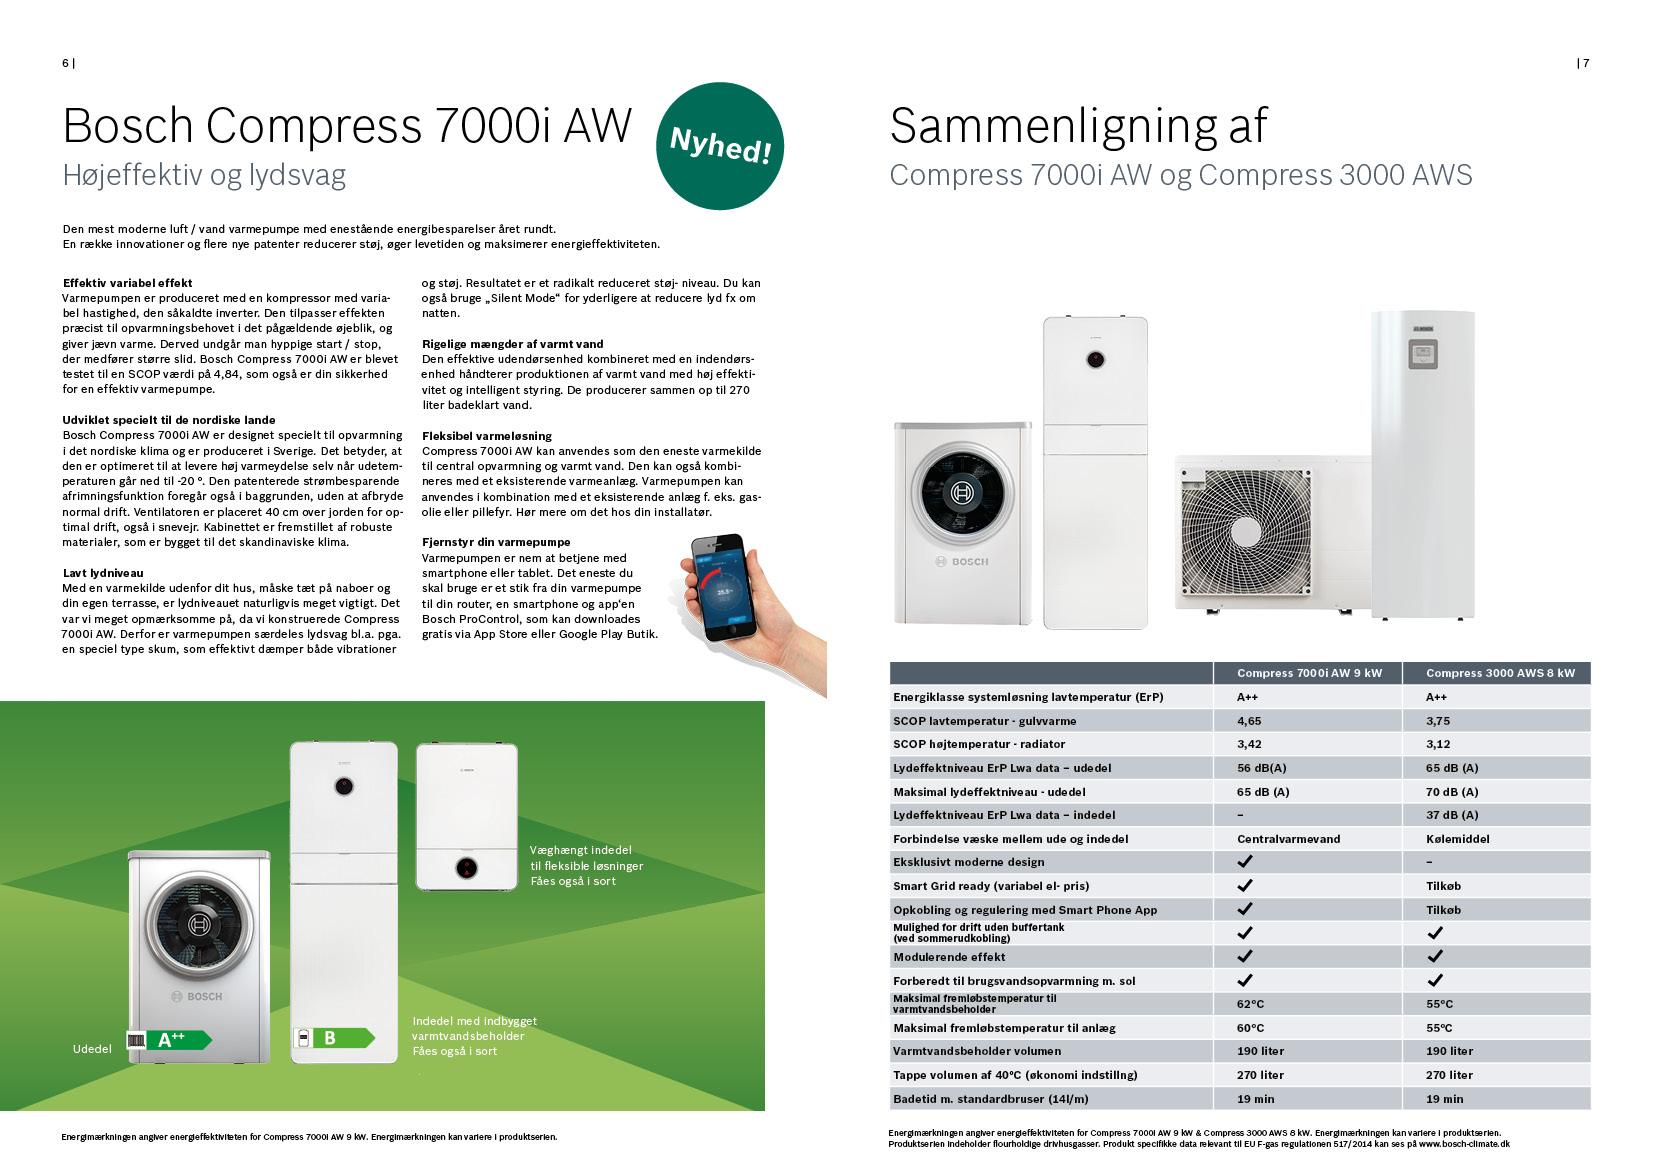 Bosch Luft_vand 7000i AW_3000 AWS4.jpg